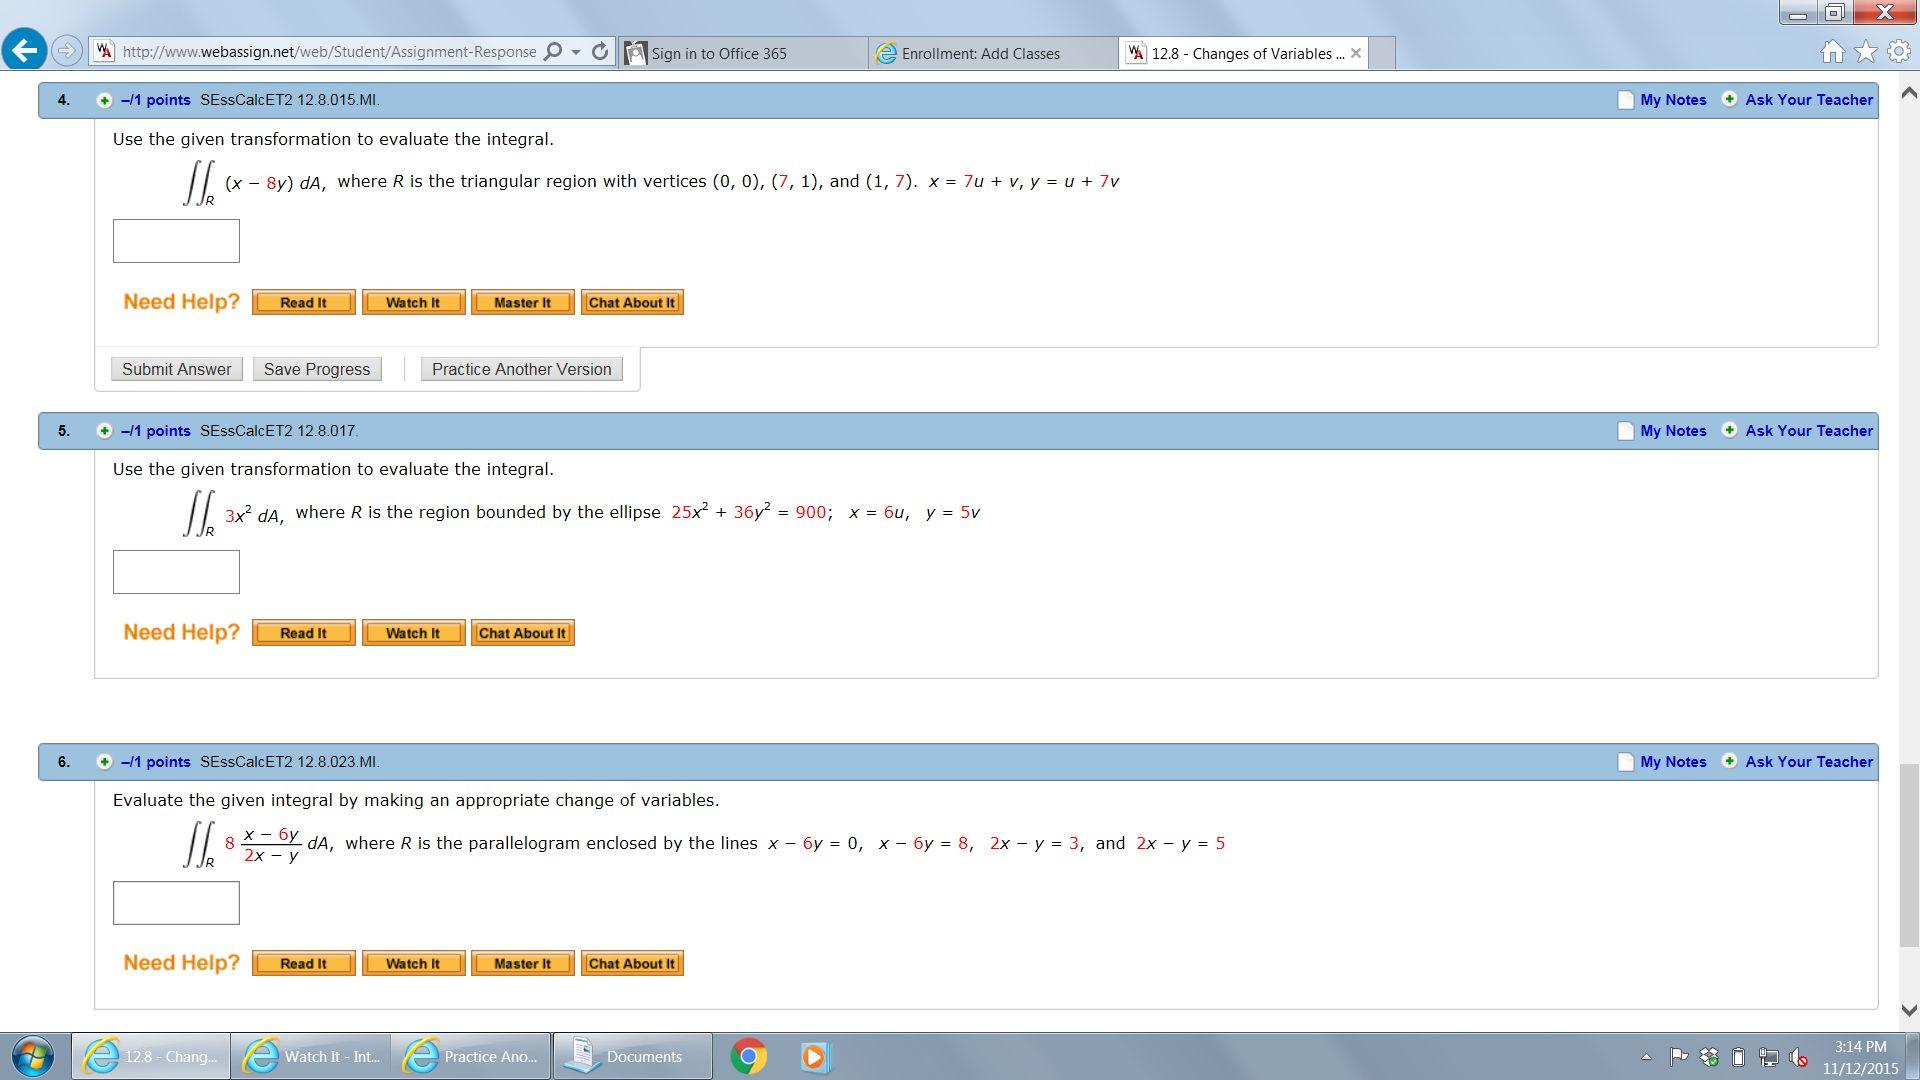 VA Http//www.webassign.net/web/Student/Assignment ...   Chegg.com